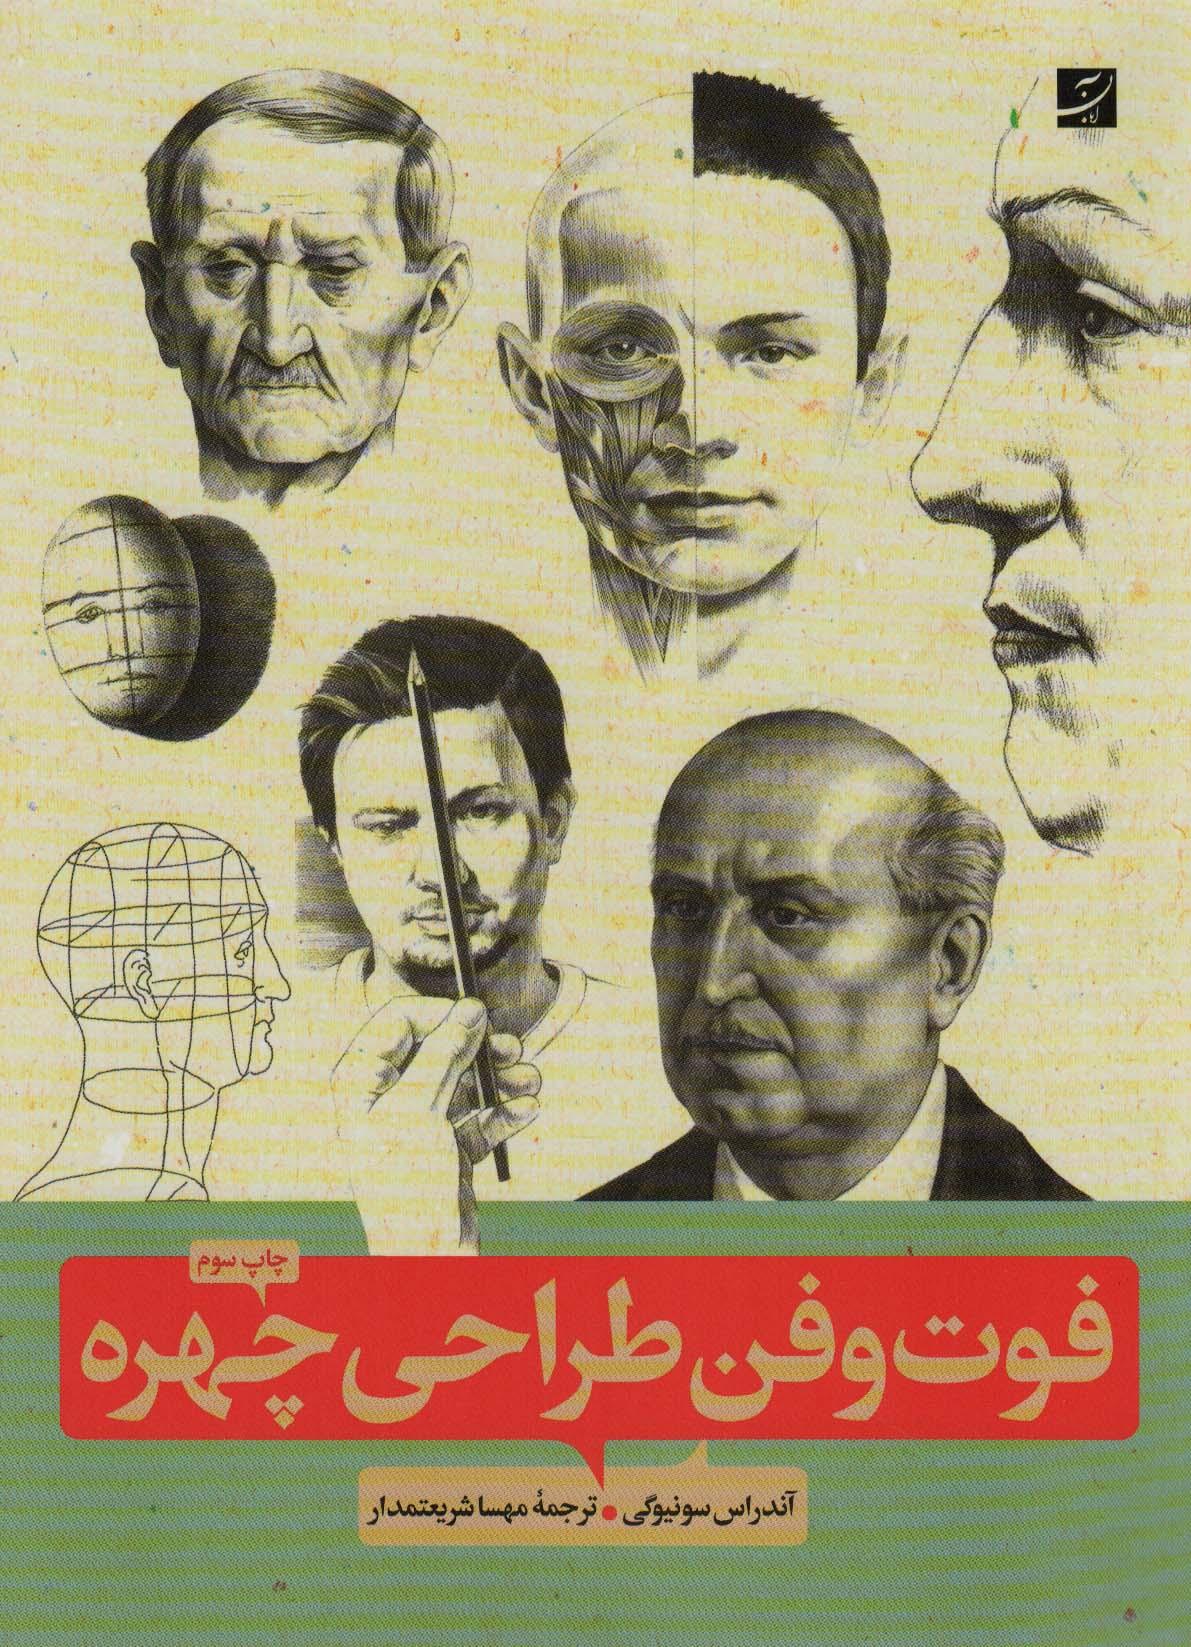 فوت و فن طراحی چهره